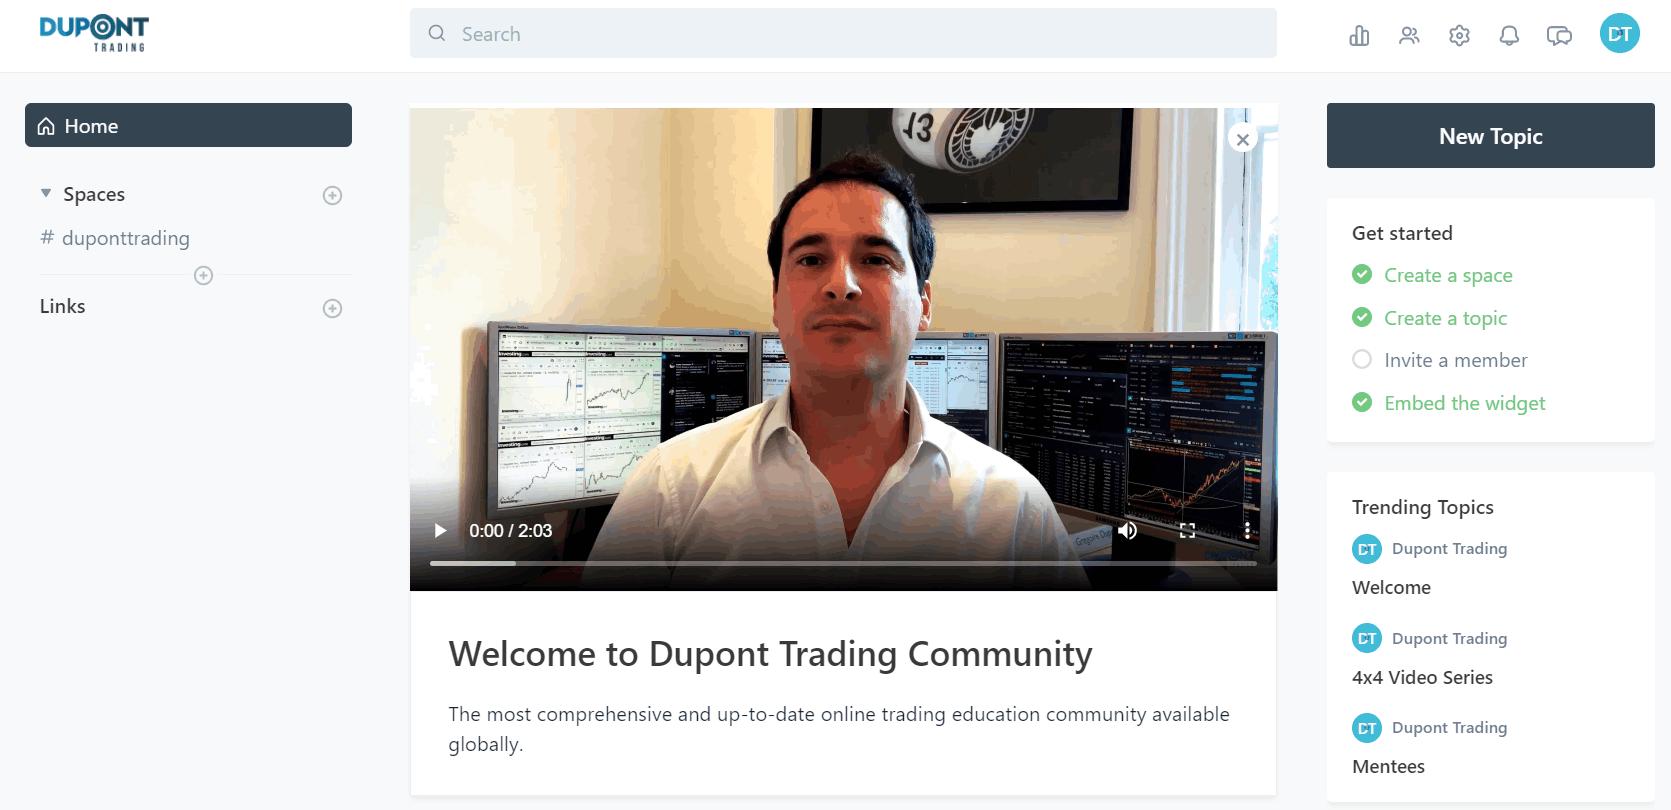 Dupont Trading Community